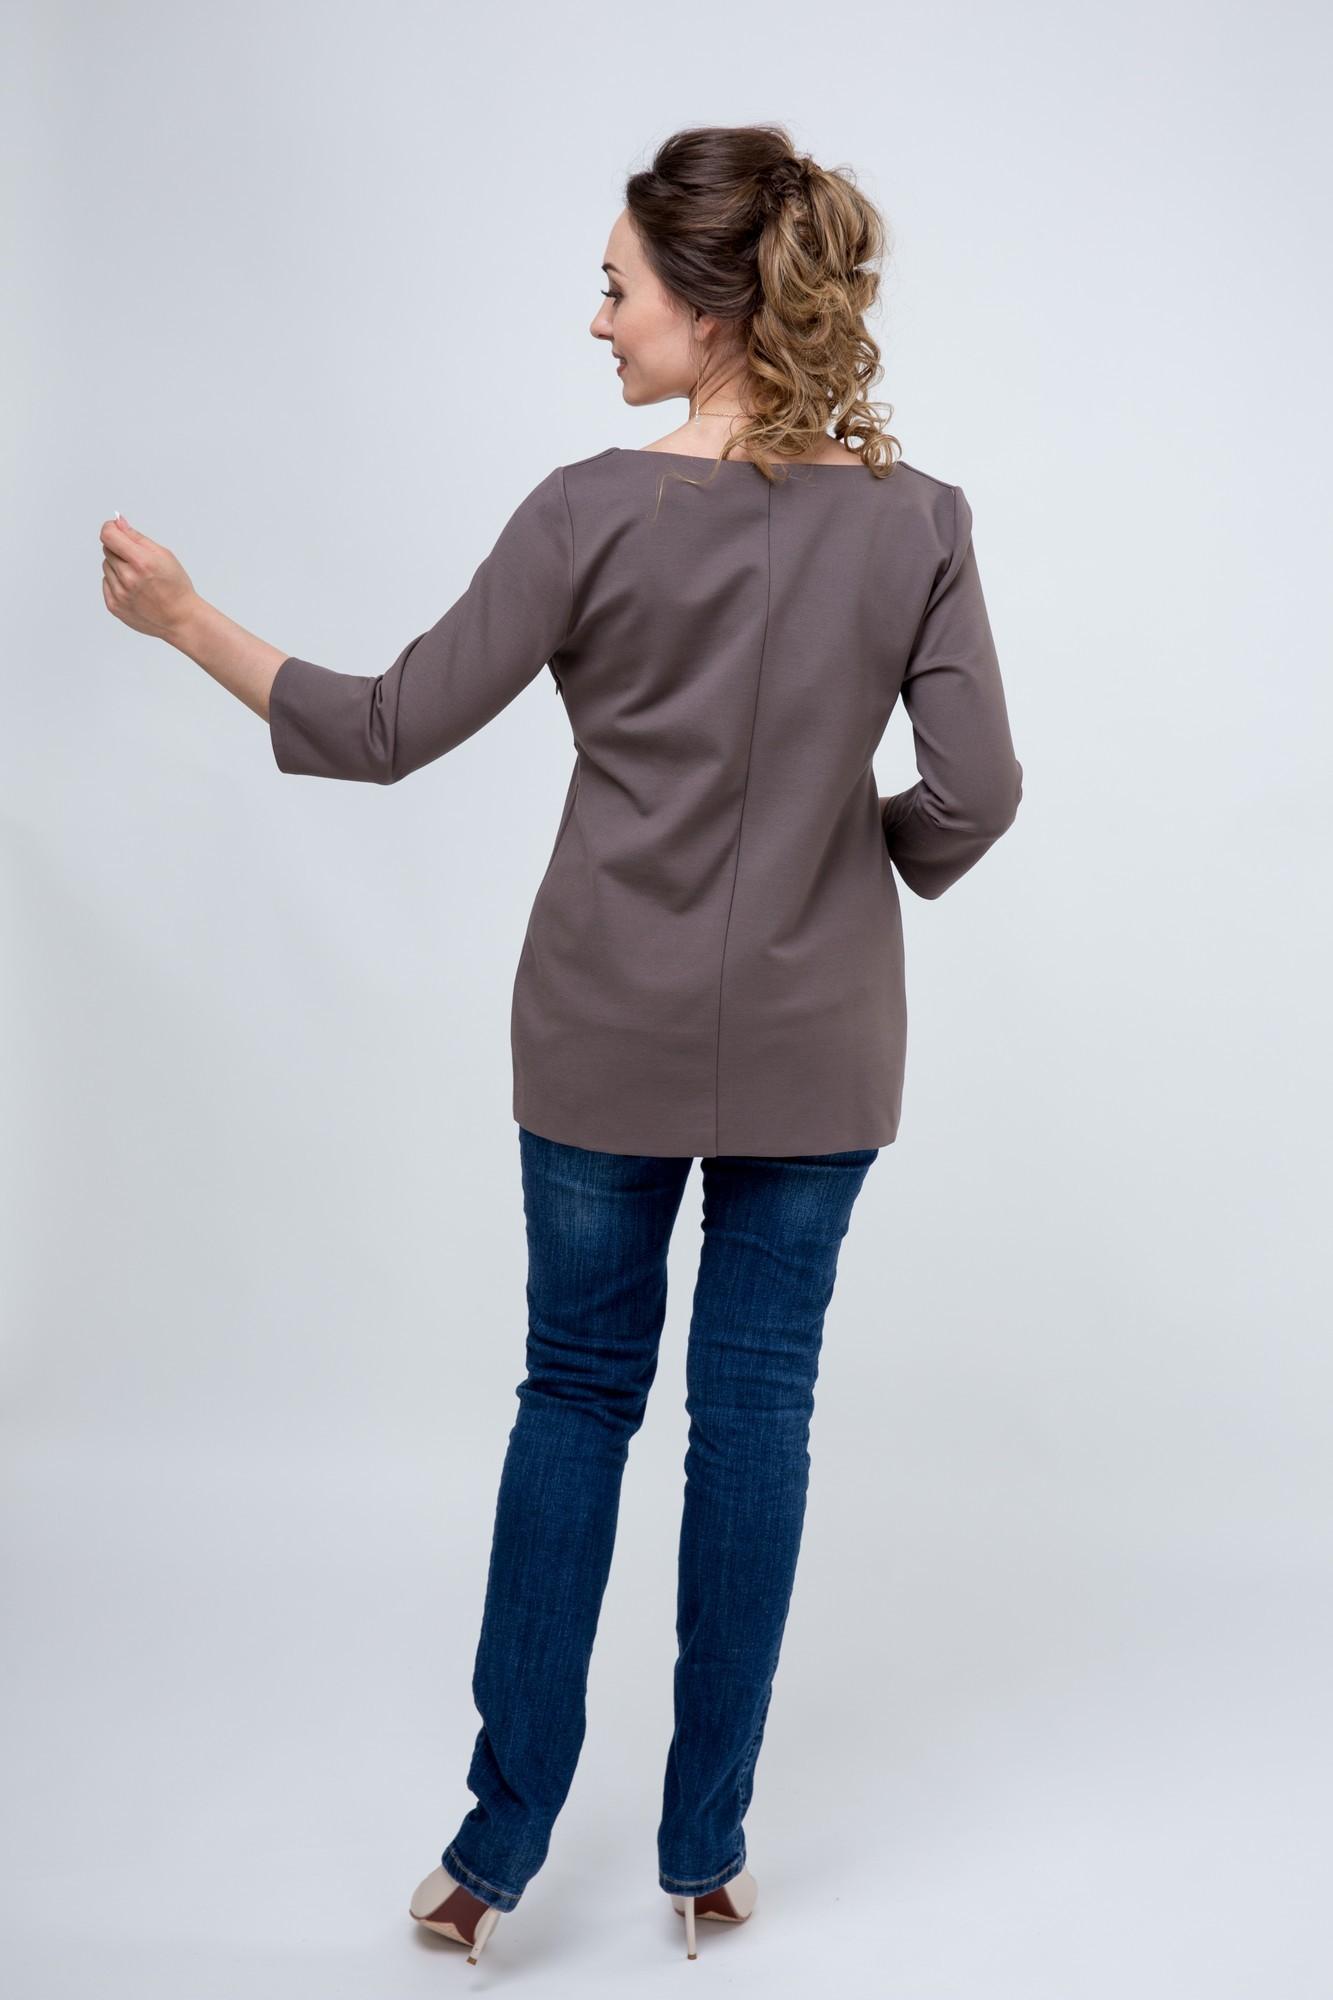 Блузка для беременных 09046 капучино